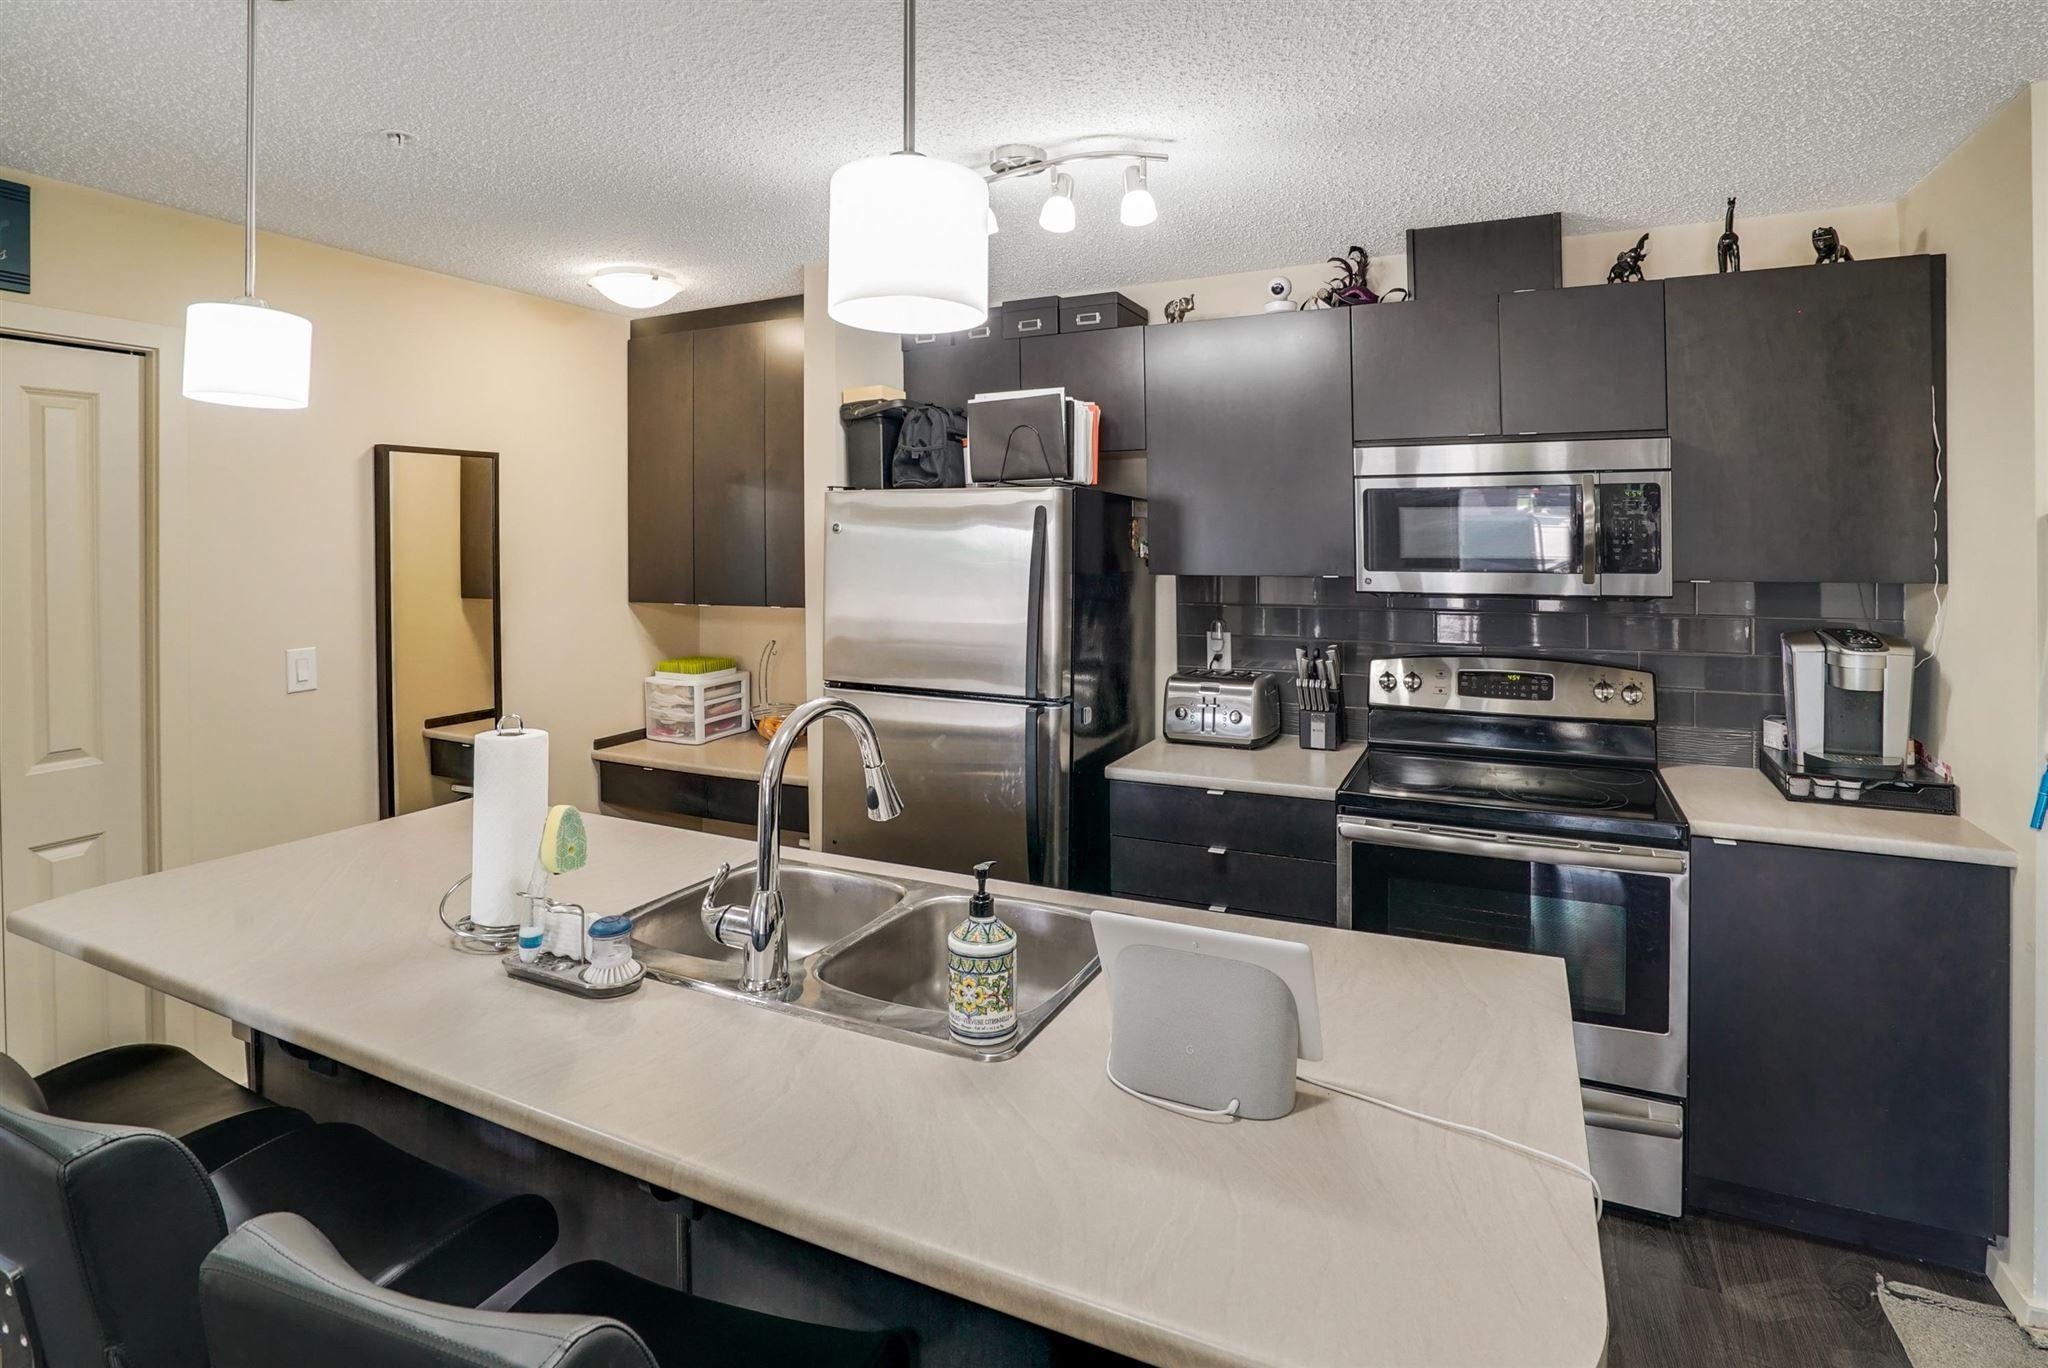 Main Photo: 114 3357 16A Avenue in Edmonton: Zone 30 Condo for sale : MLS®# E4248911